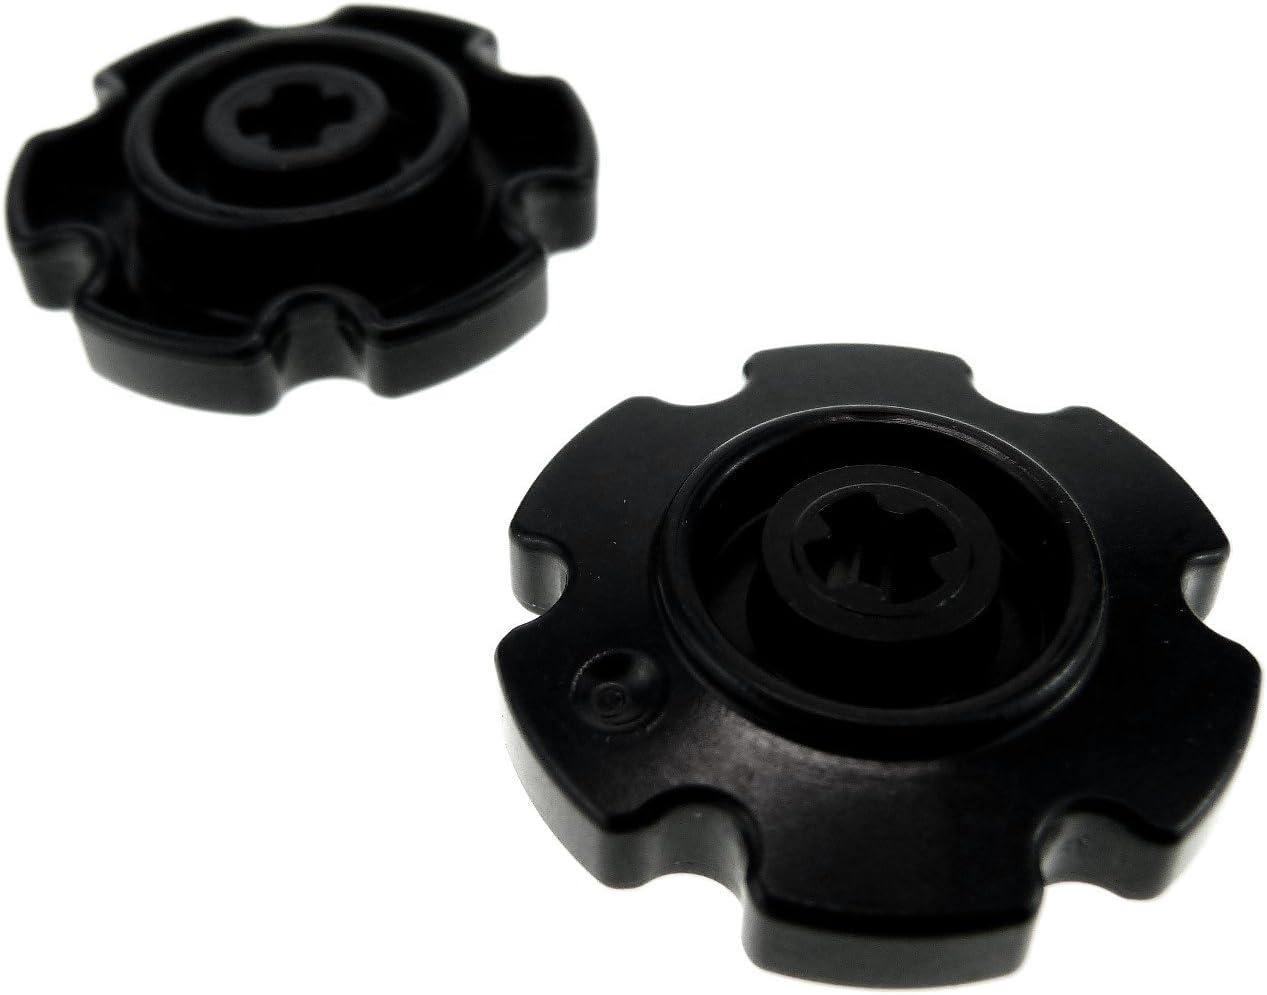 LEGO 2 x Technic Ketten Antriebsrad Schwarz Klein Führungsrad Kettenräder Raupe Tread Sprocket Wheel Small Rad 75903 57520